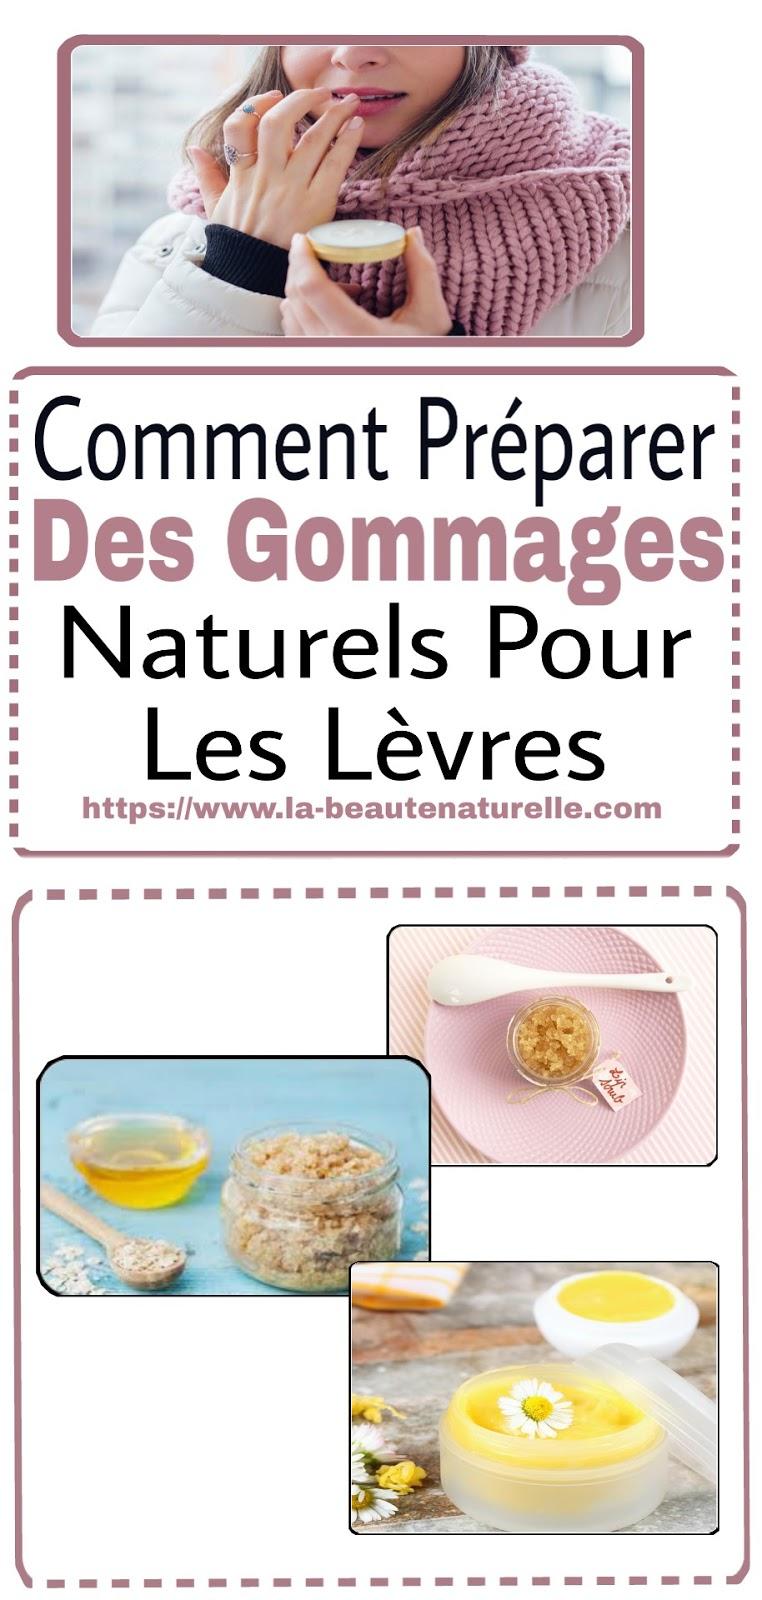 Comment Préparer Des Gommages Naturels Pour Les Lèvres